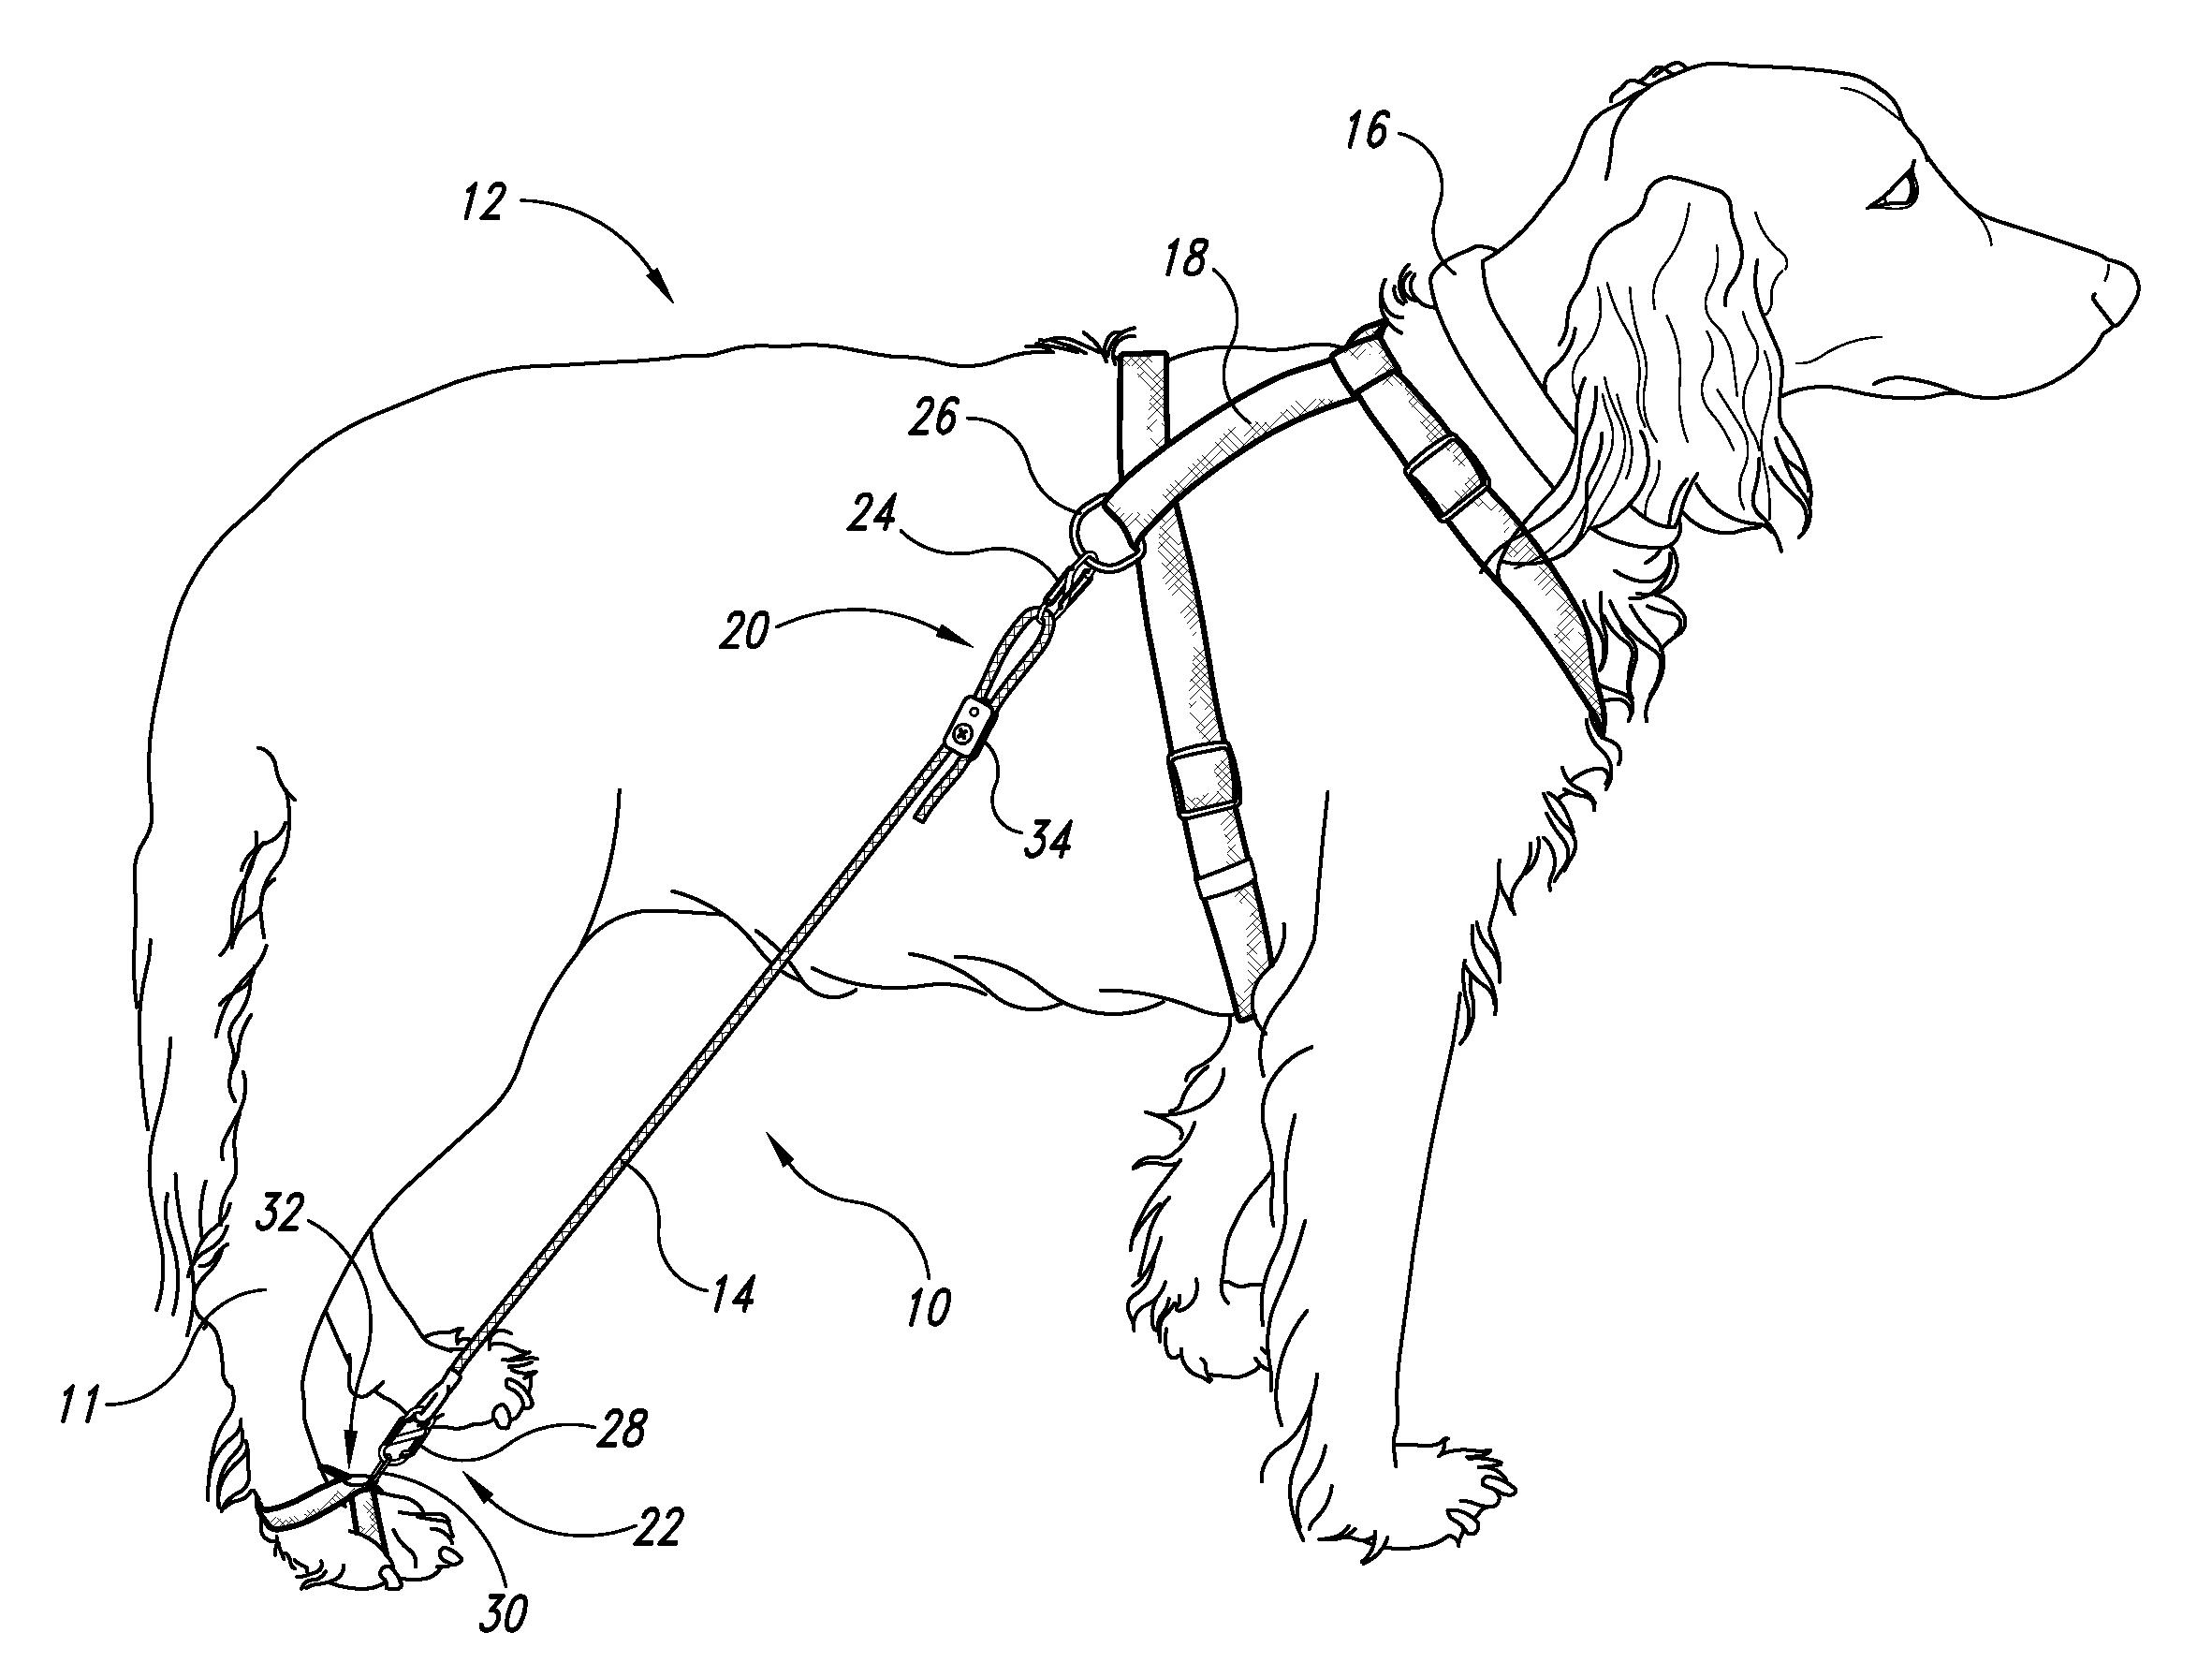 wiring diagram for grundfos pump